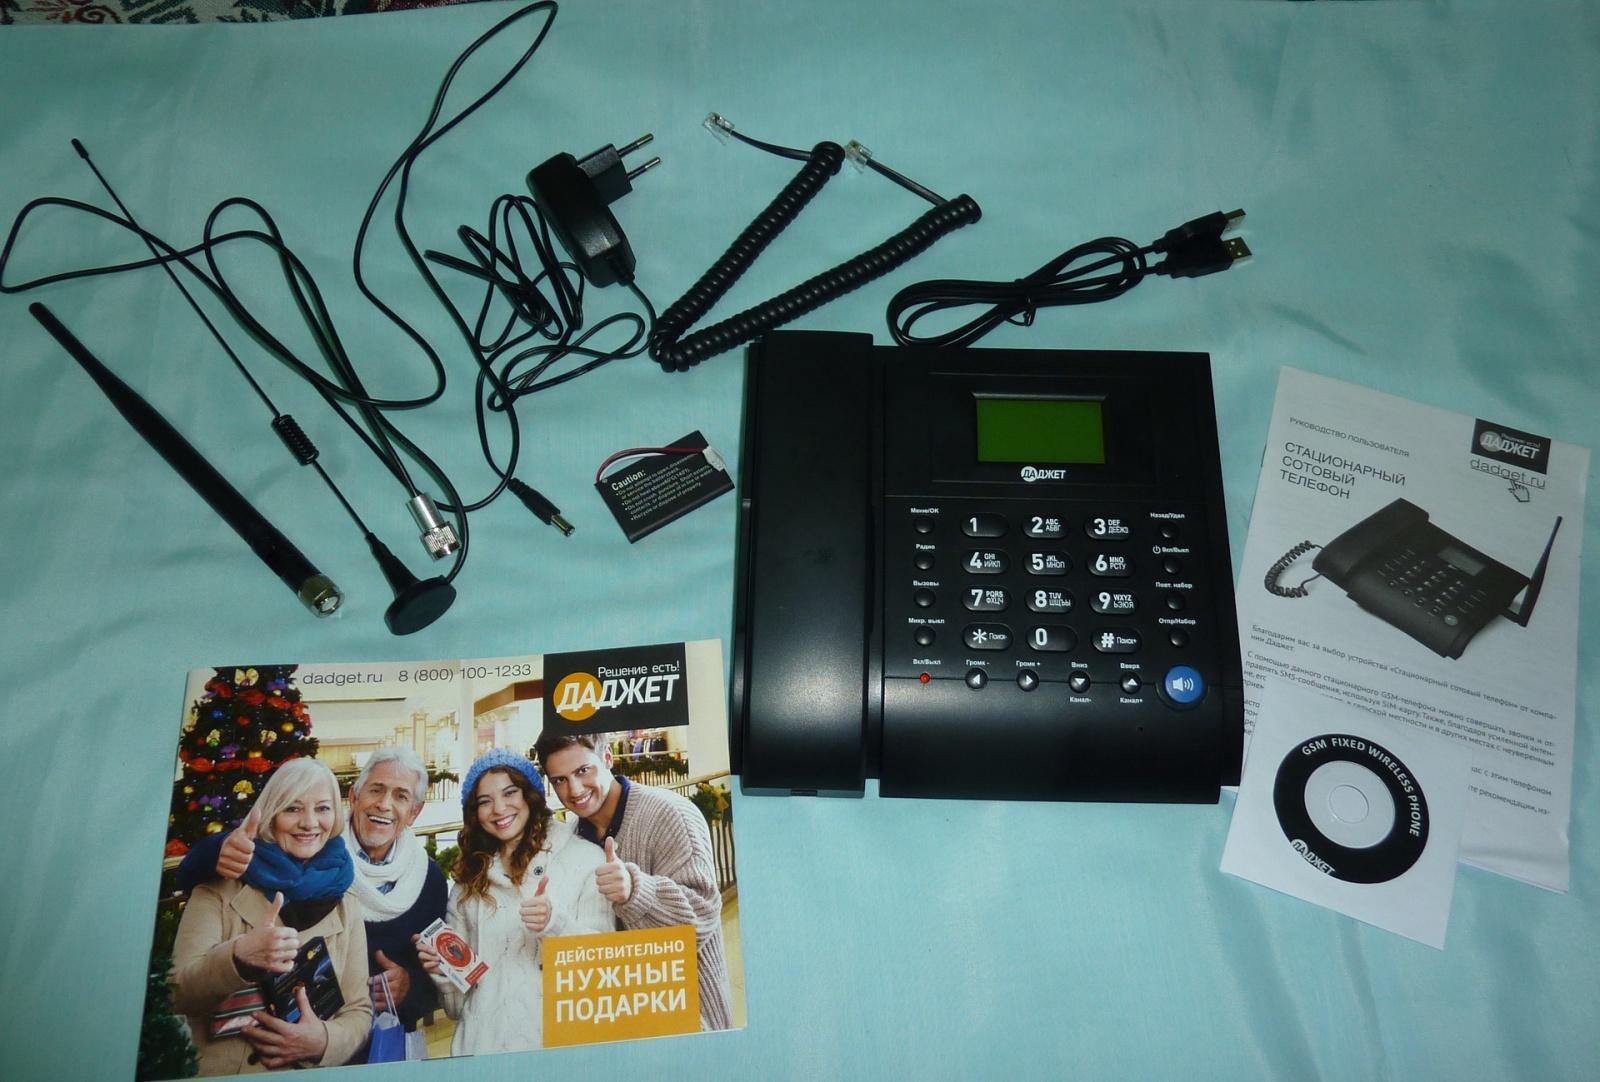 Стационарный сотовый телефон: связь без проблем - 6